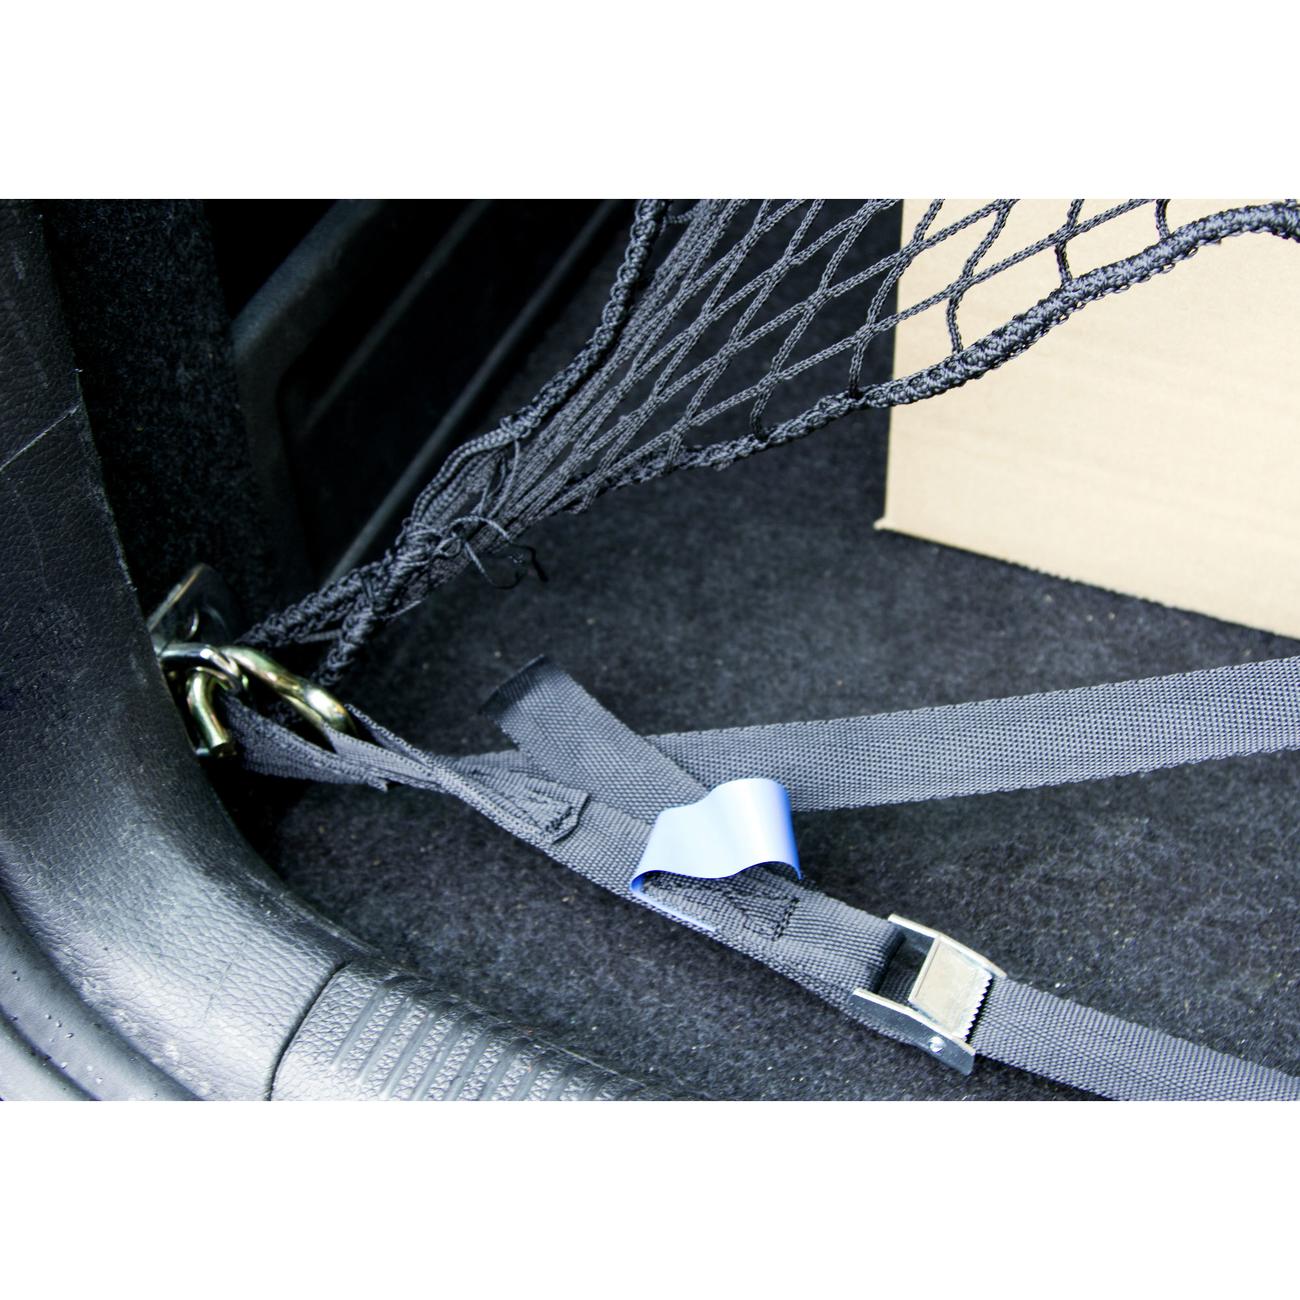 Kerbl Netz zur Ladungssicherung für Pkw und Kombi, Bild 7